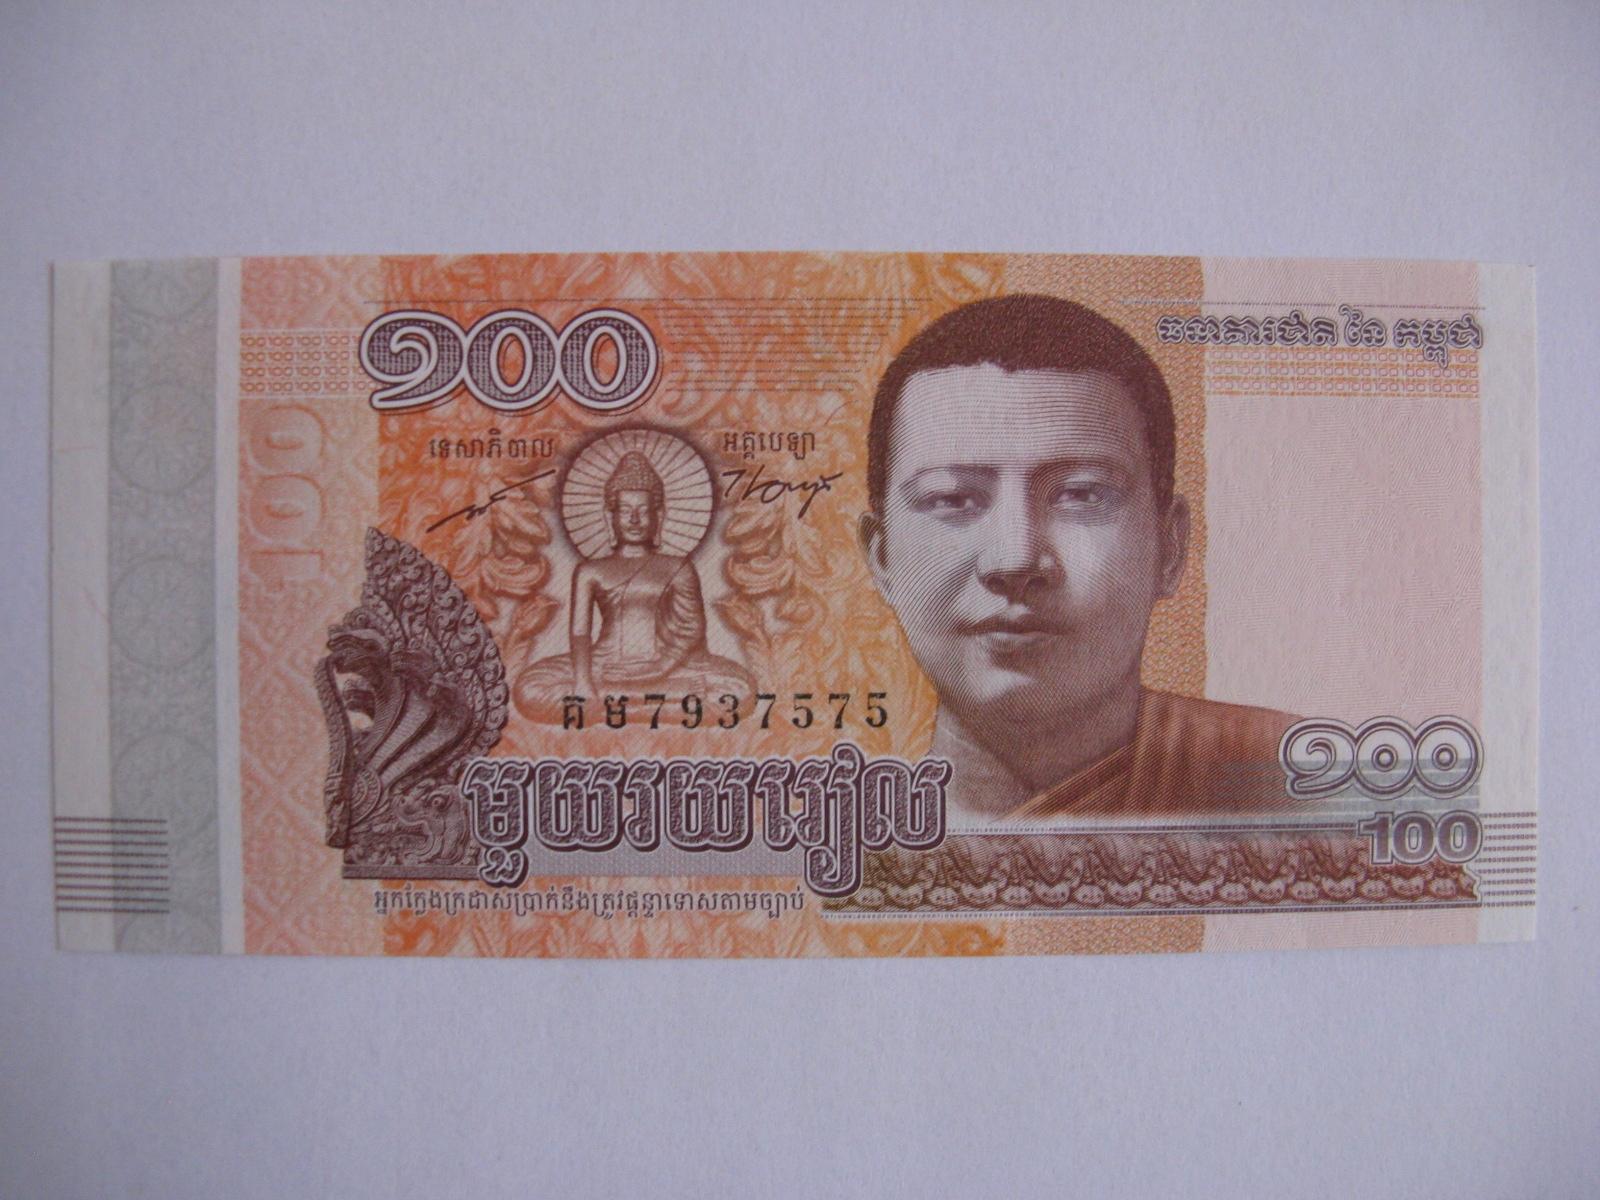 Камбоджа - 100 риелей - 2014 - P65 - St. 1